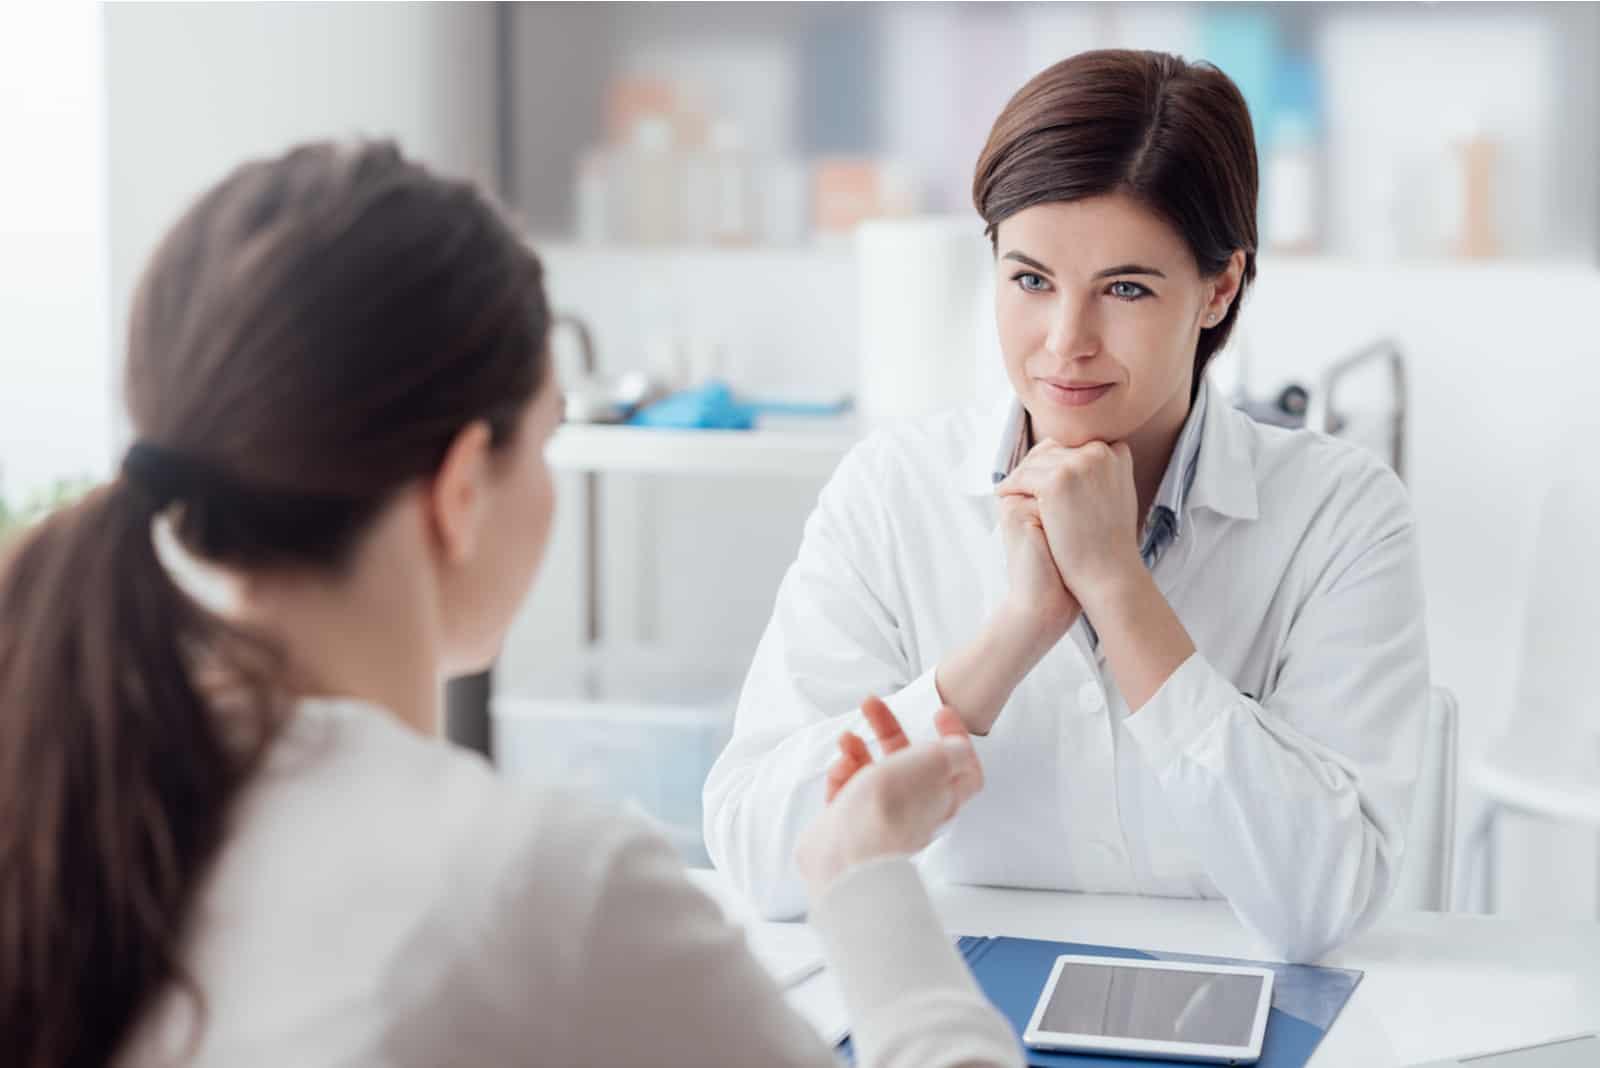 la femme parle au thérapeute